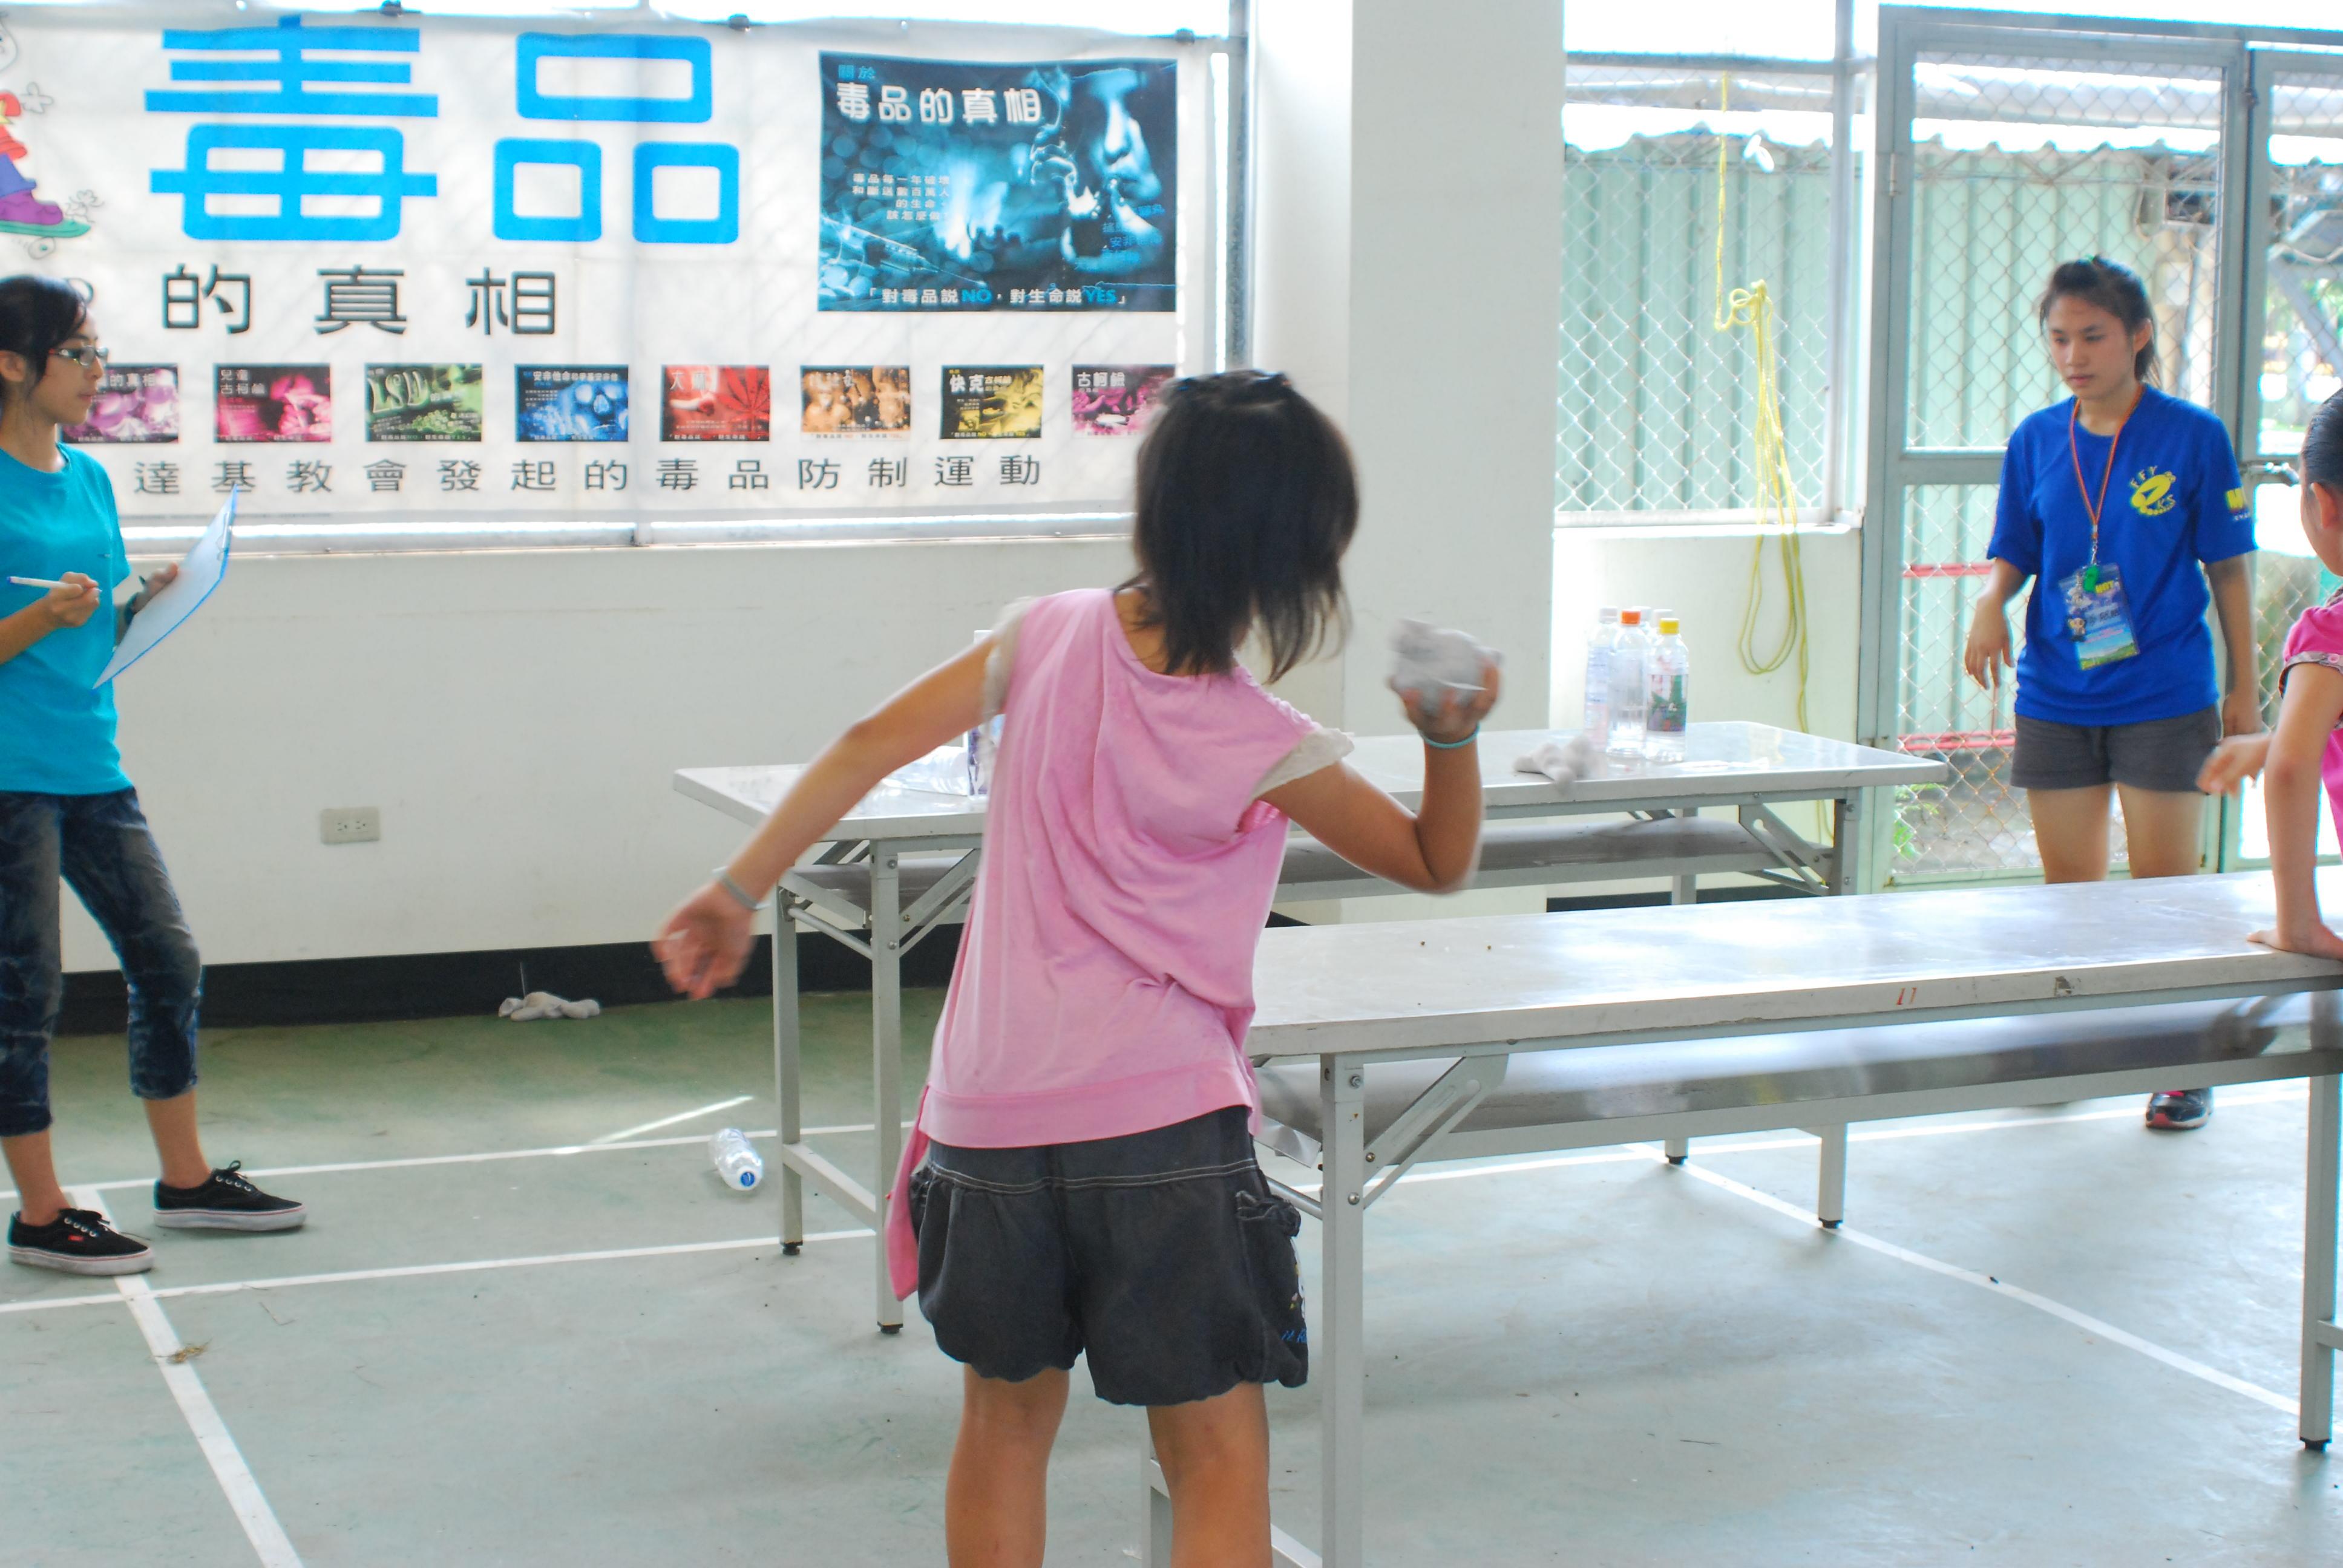 擊瓶子知反毒 夾乒乓知人權 闖關遊戲讓學童長知識